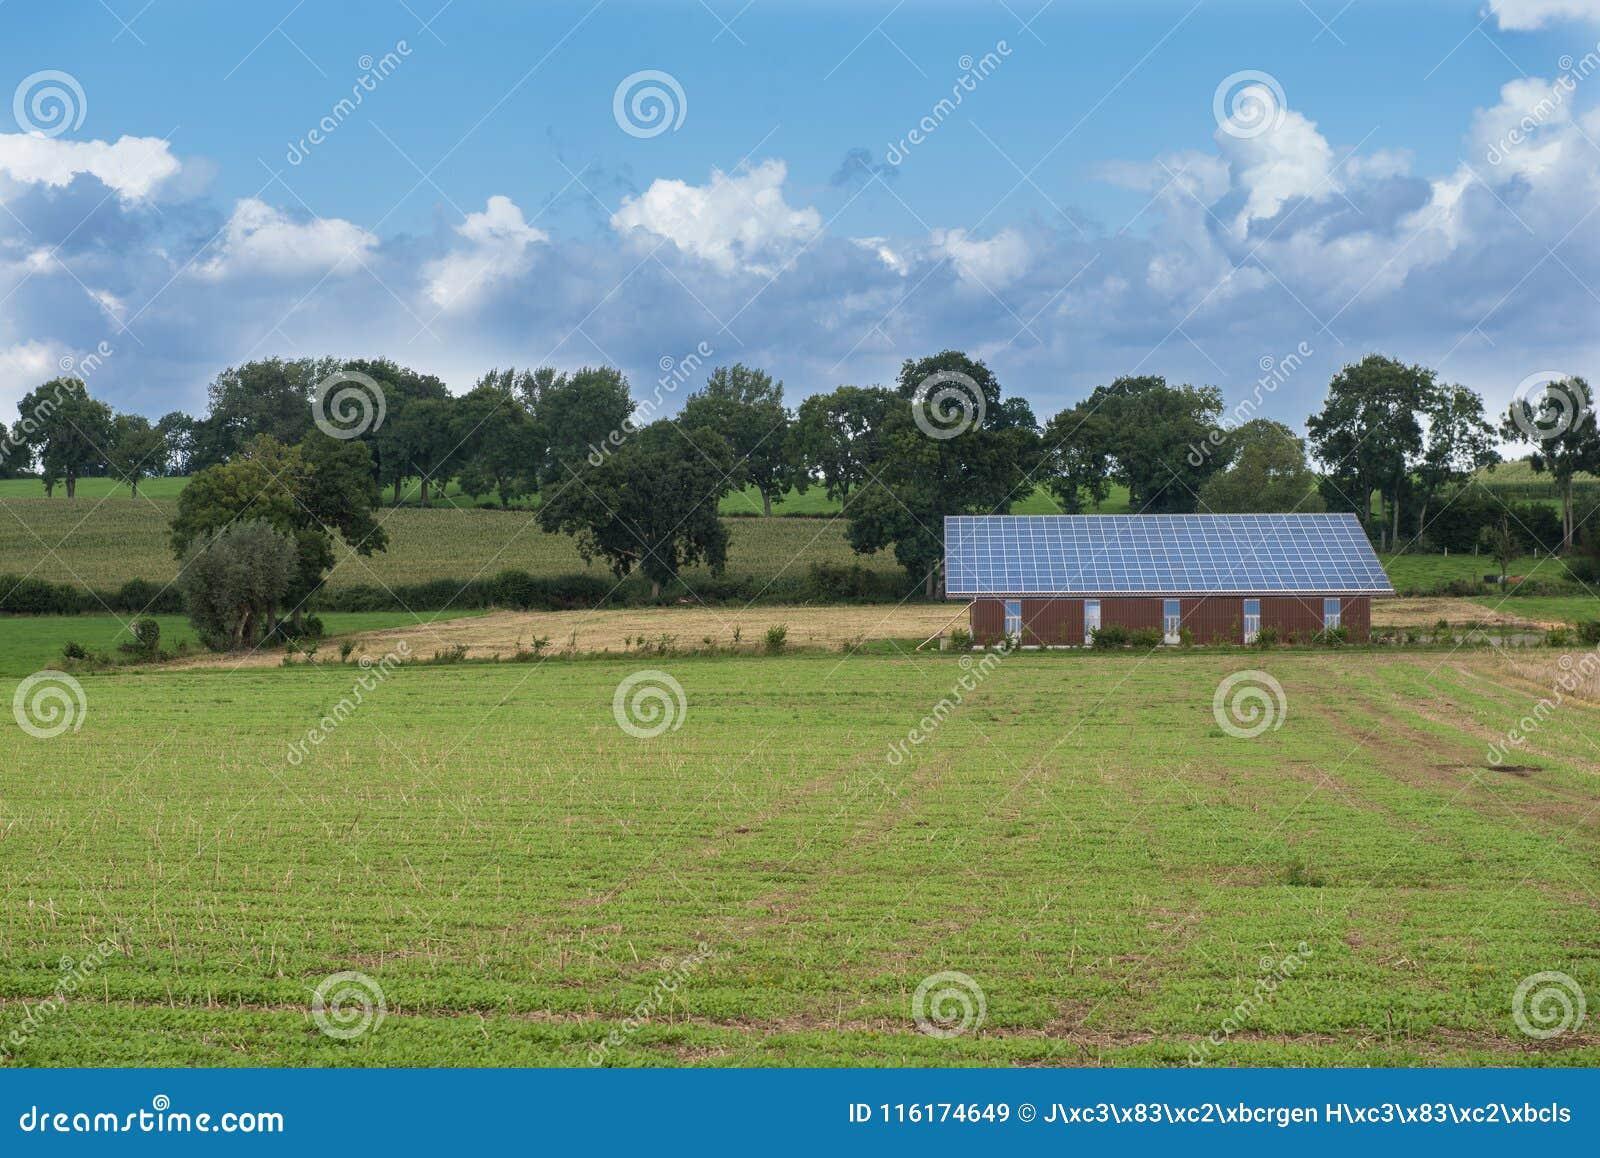 Солнечная система на здании - земледелие и возобновляющая энергия